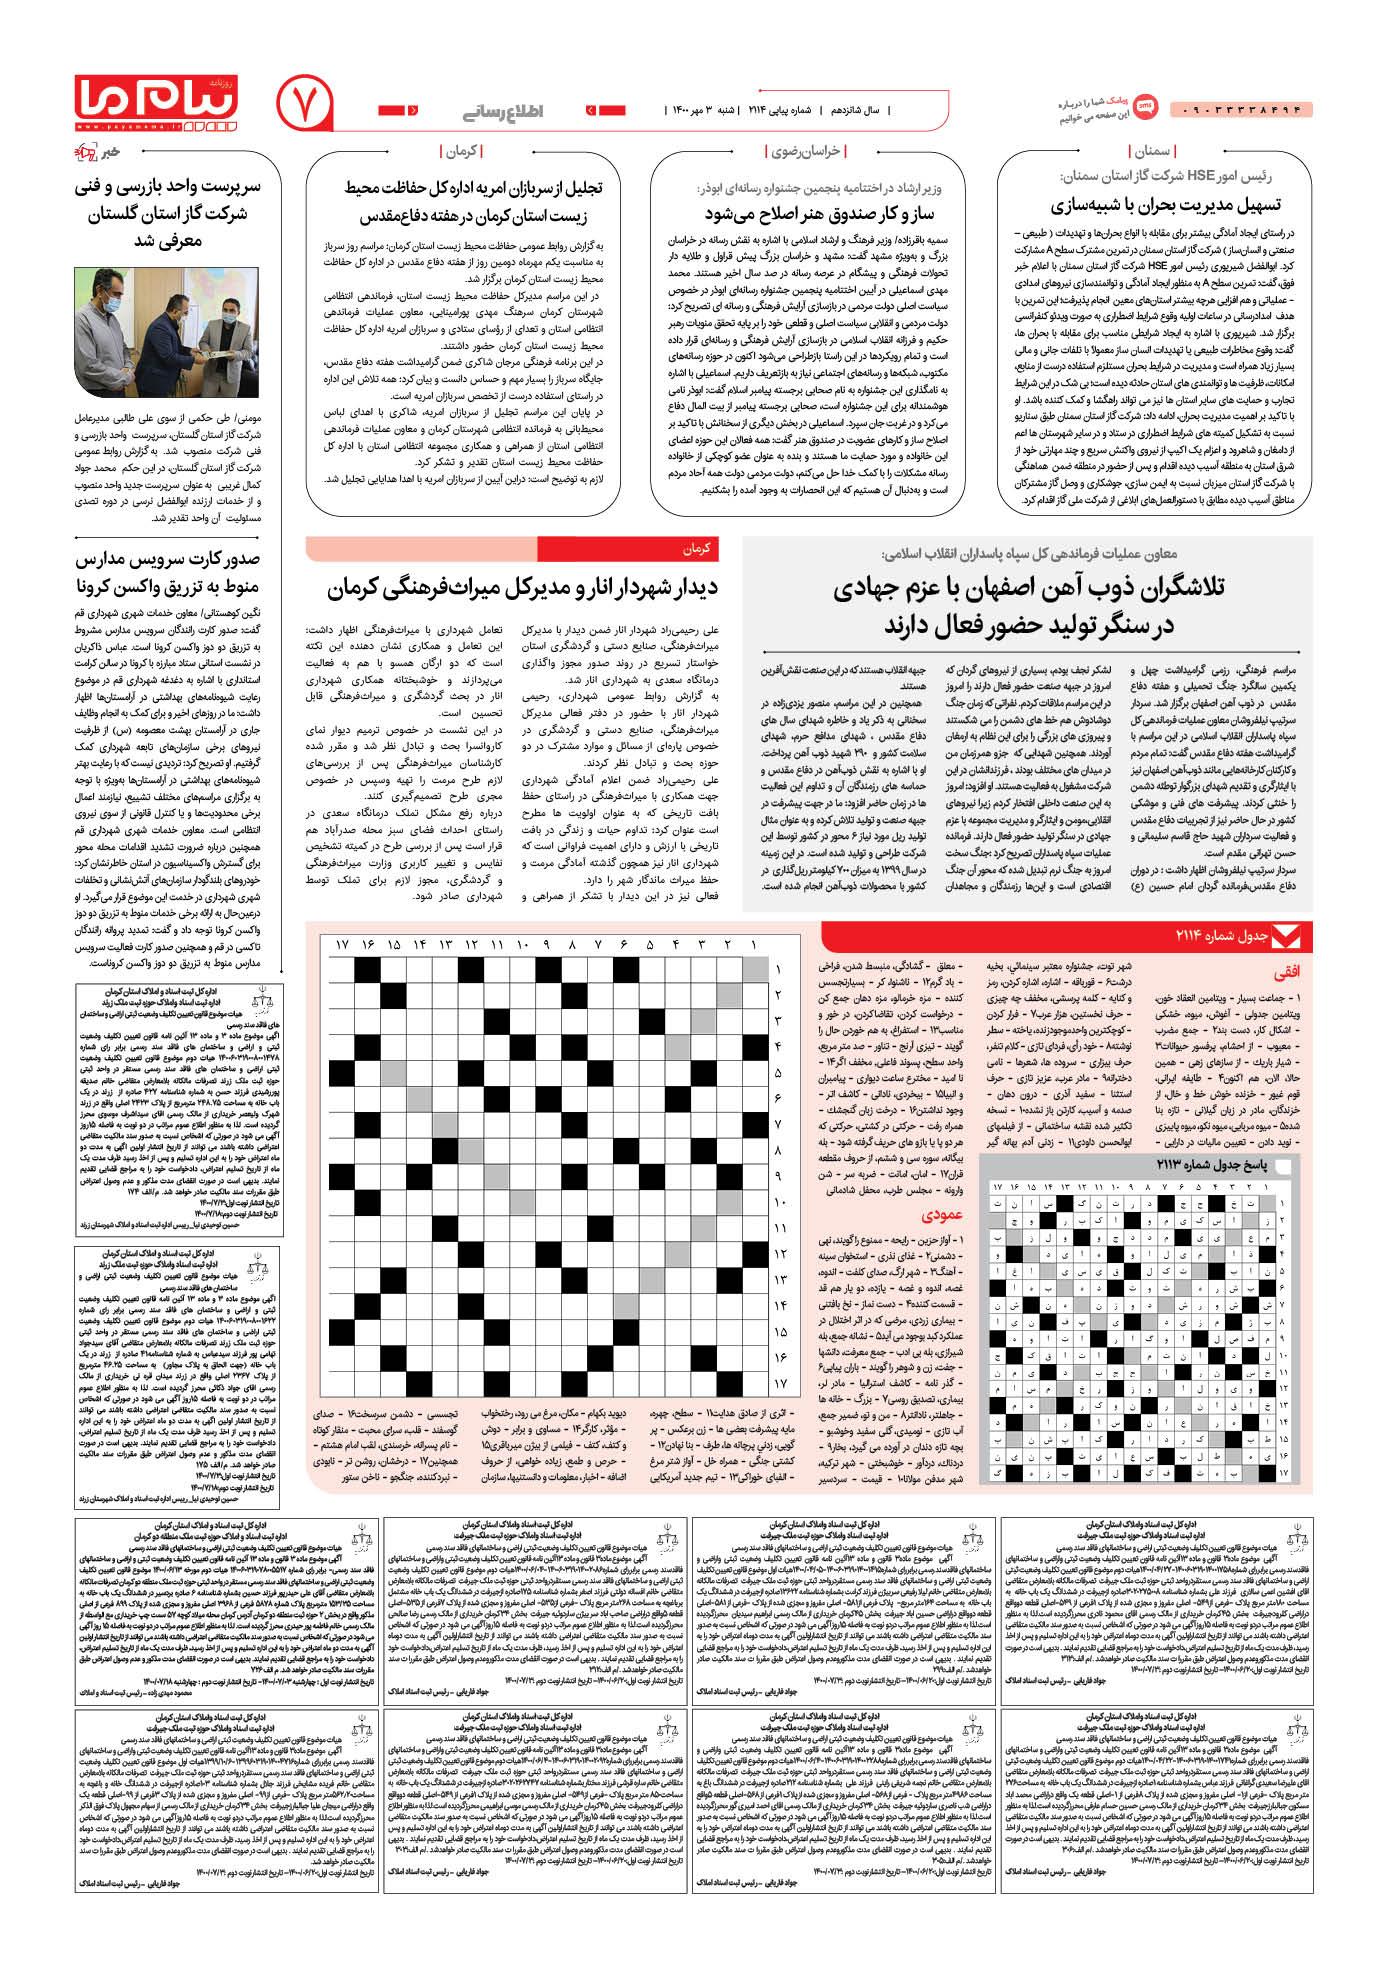 صفحه اطلاع رسانی شماره 2114 روزنامه پیام ما